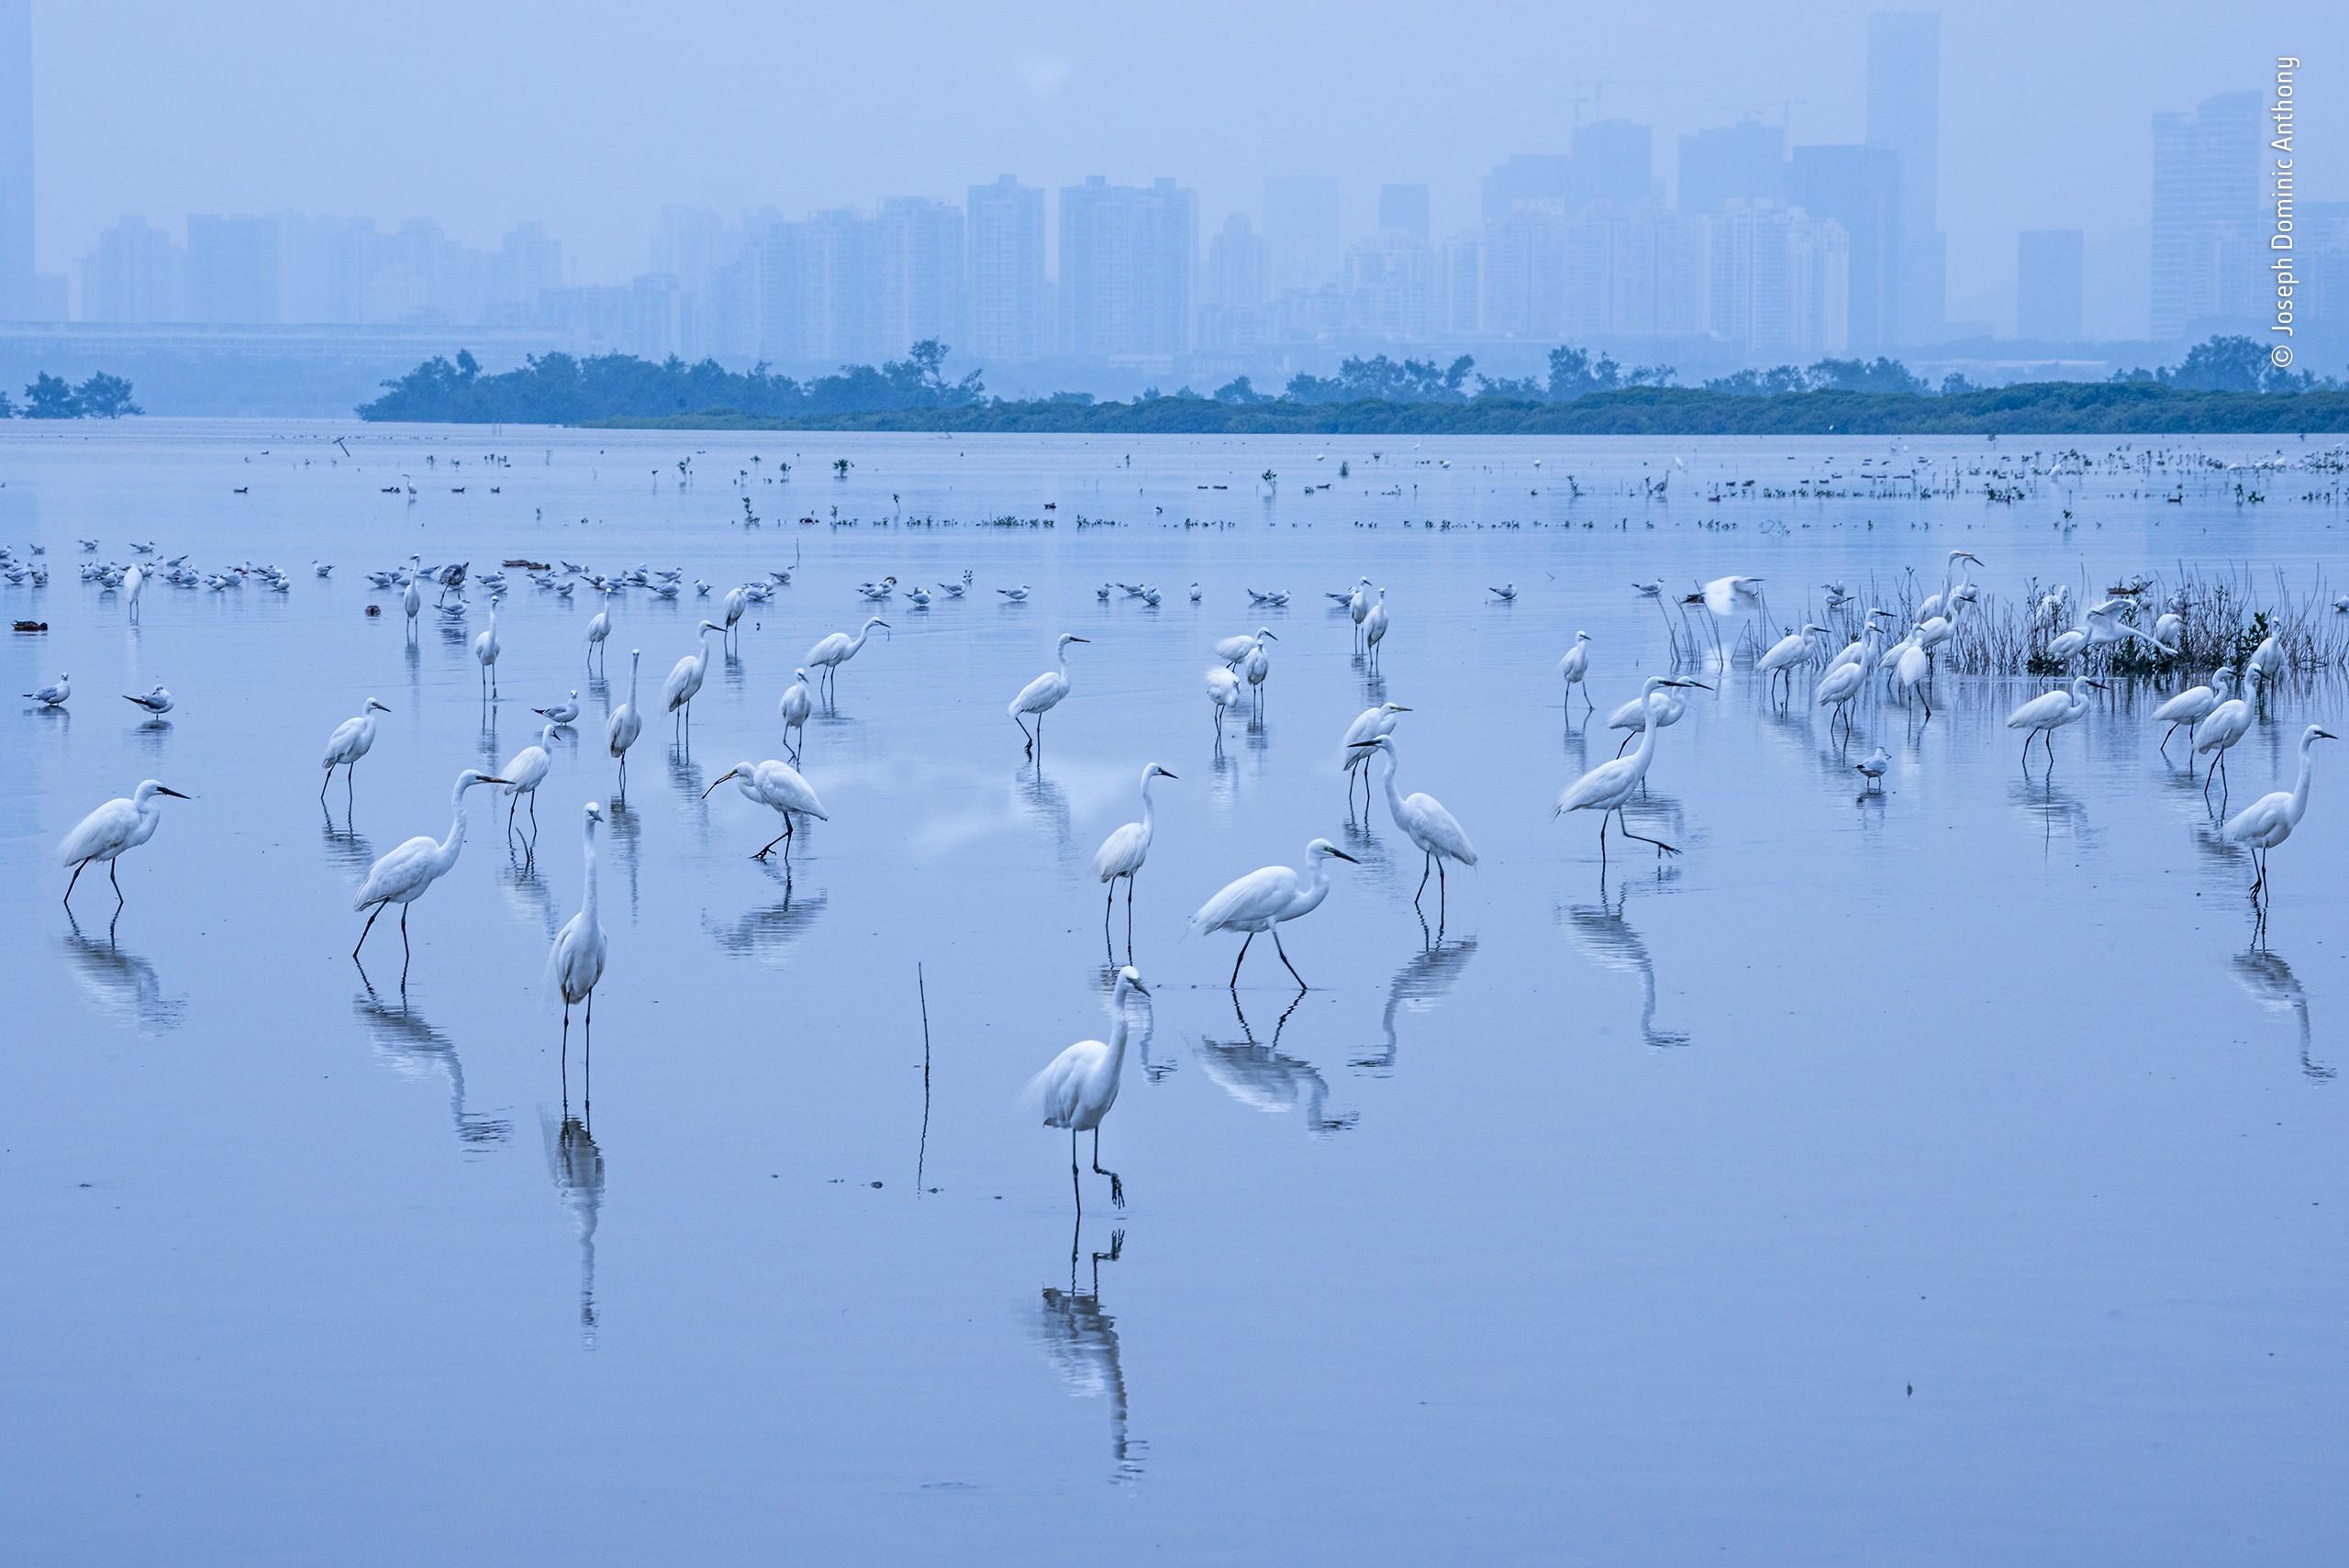 «Приграничное пристанище». Фотограф Джозеф Доминик Энтони